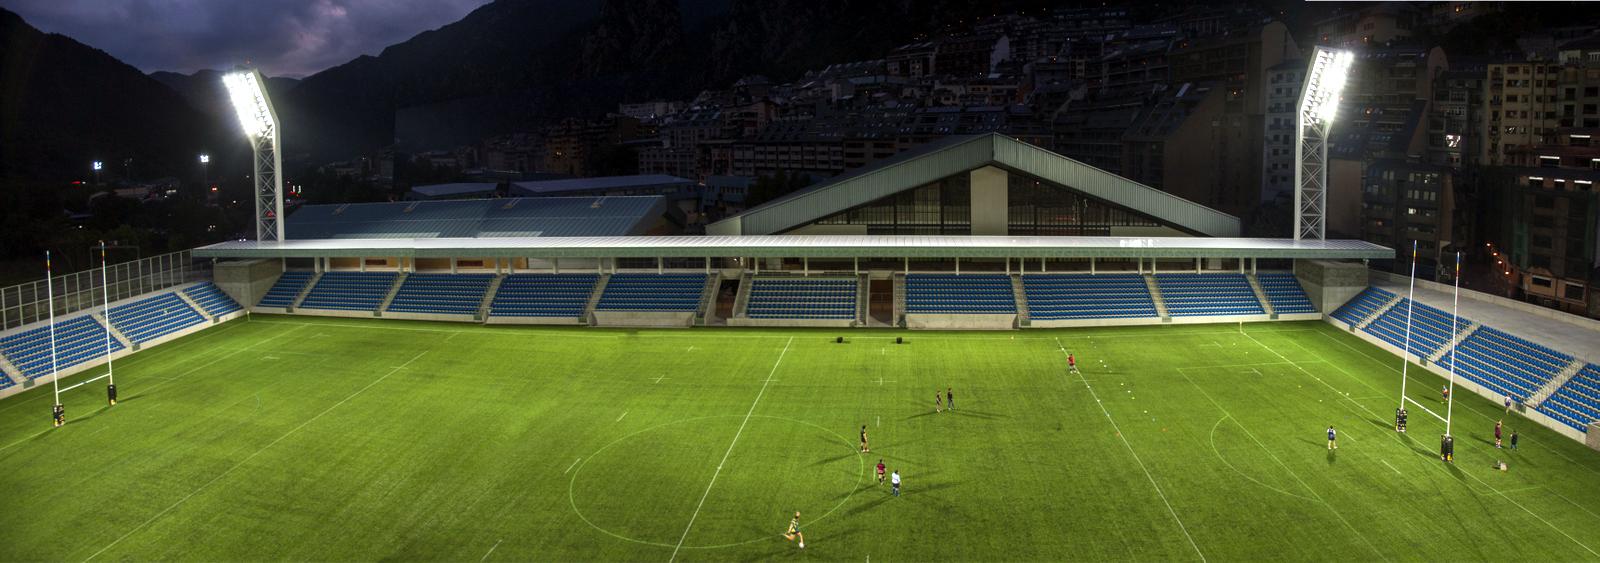 El nuevo Estadio Nacional de Andorra se encaja en un espacio realmente estrecho frente al río Valira. Los edificios deportivos que lo rodean son muy voluminosos y el resto de edificaciones que ocupan la montaña dan un marcado carácter vertical y constreñido al lugar. La anchura del solar es de 85 metros y se debe situar un terreno de juego libre de 130x80 metros. Con estas premisas se propone un edificio bajo, que no quiera competir en altura precisamente para destacar, dándole valor al vacío. Sin embargo, se propone cubrir la calle de servicio que separa el campo de los dos pabellones deportivos, como estrategia para conseguir situar las gradas de tribuna mirando a levante. Con esta decisión conseguimos, al mismo tiempo, reducir perceptivamente la altura de los dos edificios deportivos en unos 4 metros. Esta misma plataforma de cubrimiento es el gran puente-plaza sobre el río Valira y el acceso natural del público desde la avenida Salou. Desde esta cota, bajan seis niveles de gradas hasta el terreno de juego rodeando tres lados del campo situando 3.000 espectadores en una primera fase. Estas gradas son en realidad una depresión de la gran plataforma de acceso al campo. El edificio principal de servicios queda bajo este nivel en el extremo opuesto al río, con acceso por la Baixada del Molí a modo de zócalo del Estadio. Las fachadas principales de el Estadio están en los dos goles norte y sur, y se apoyan sobre la gran plataforma de acceso. Son de vidrio translúcido y ocupan un espesor de un metro permitiendo ubicar en su interior unas gradas retráctiles que posibilitan ampliar el aforo del Estadio en 1.850 personas más, haciendo un total de 4.850 espectadores sentados entre las dos fases. Estas gradas retráctiles alojadas al grueso de la fachada, pretenden que el edificio no altere su volumen ni su presencia urbana cuando deba hacerse la ampliación para la segunda fase y, al mismo tiempo, consiguen que el Estadio no se vea demasiado vacío en un aforo cotidiano más n